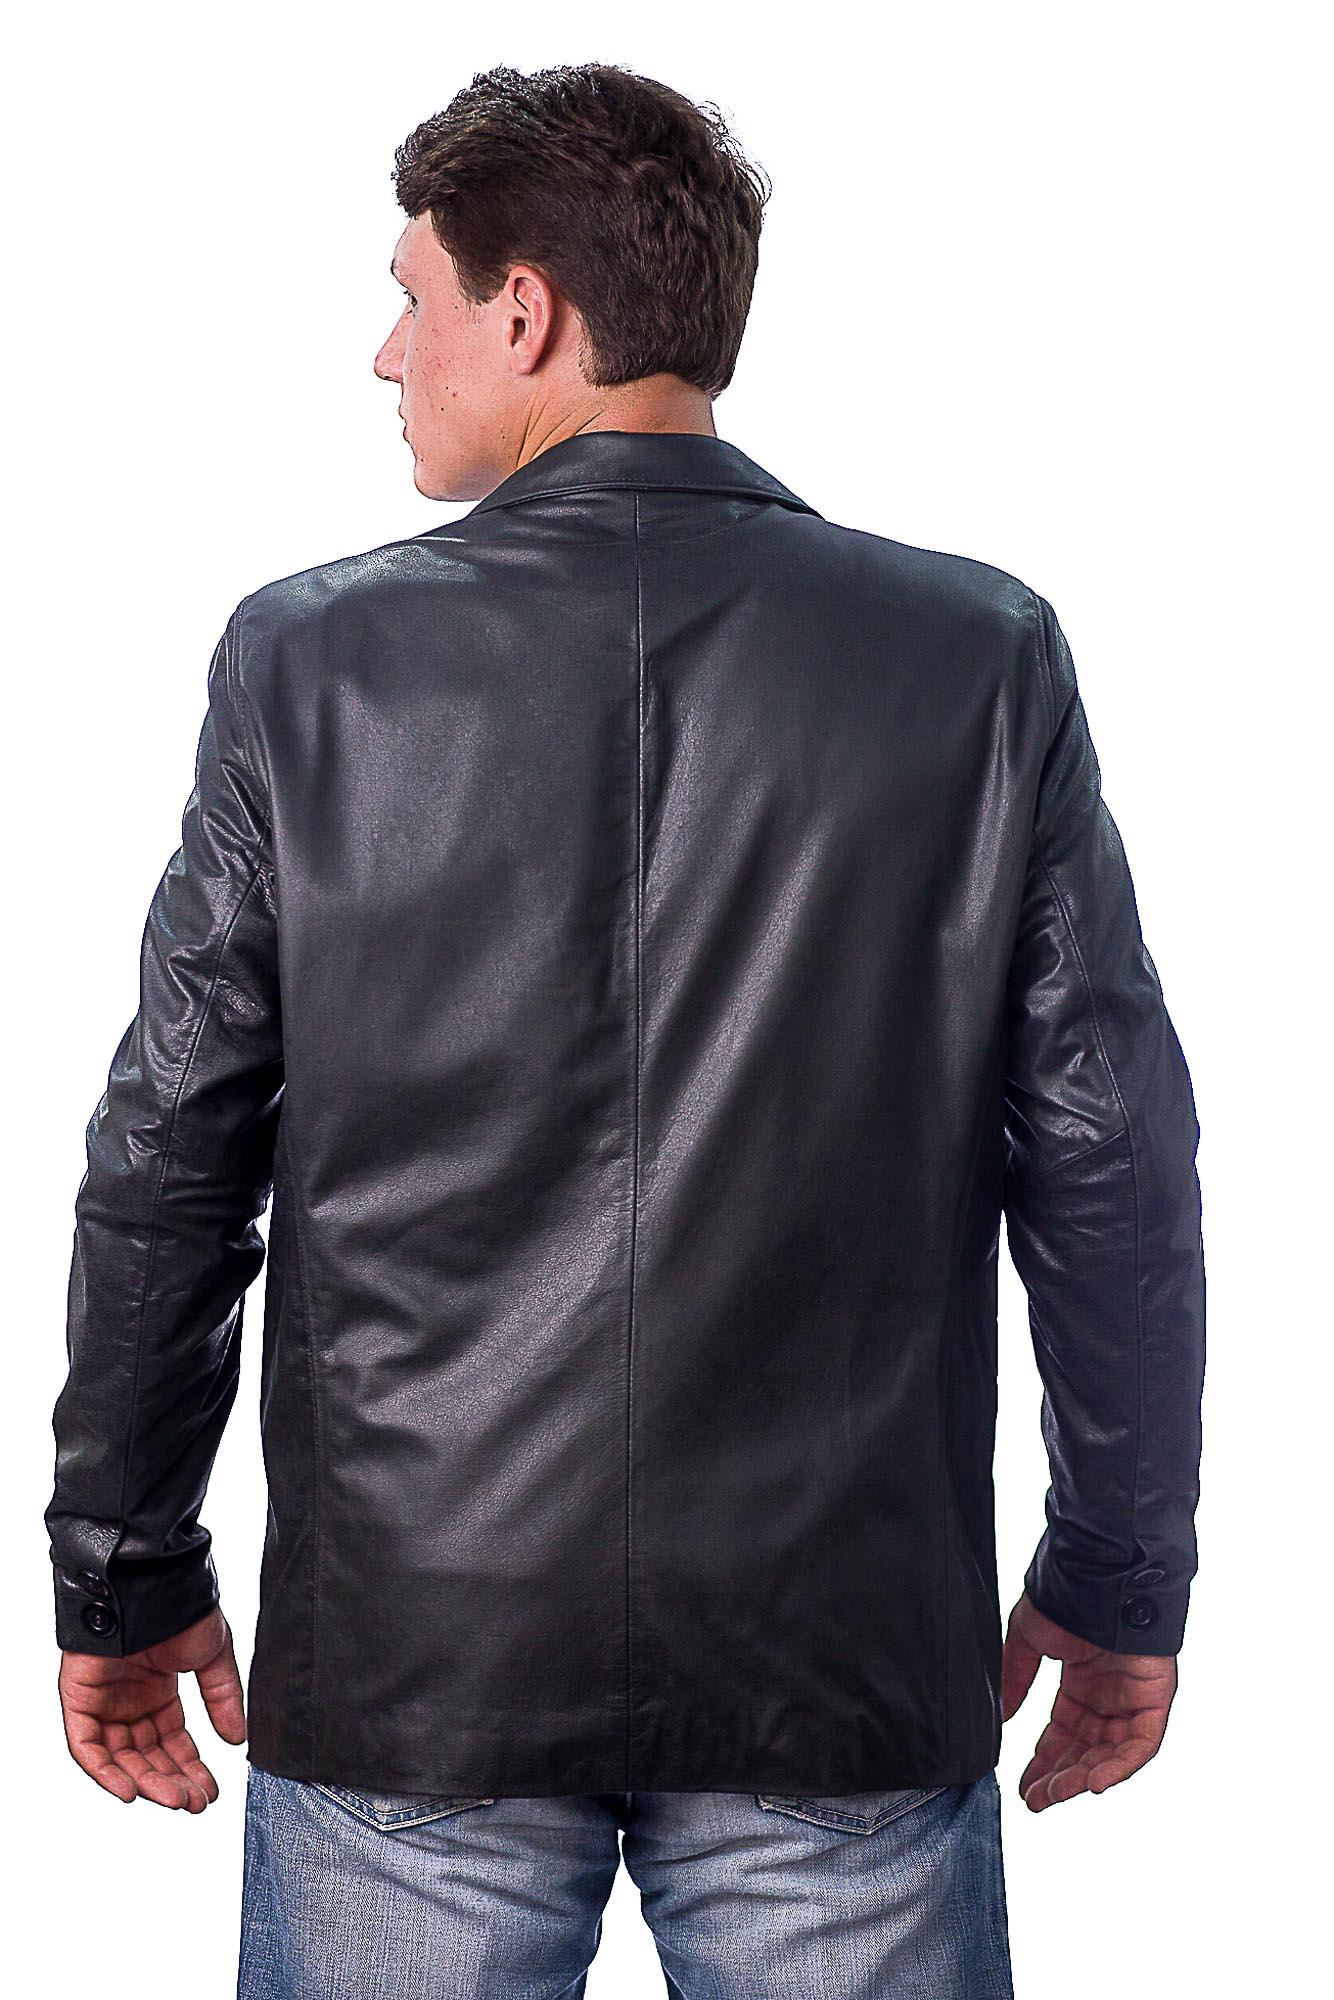 Casaco Masculino 900 Estilo Blazer Kraky Preto